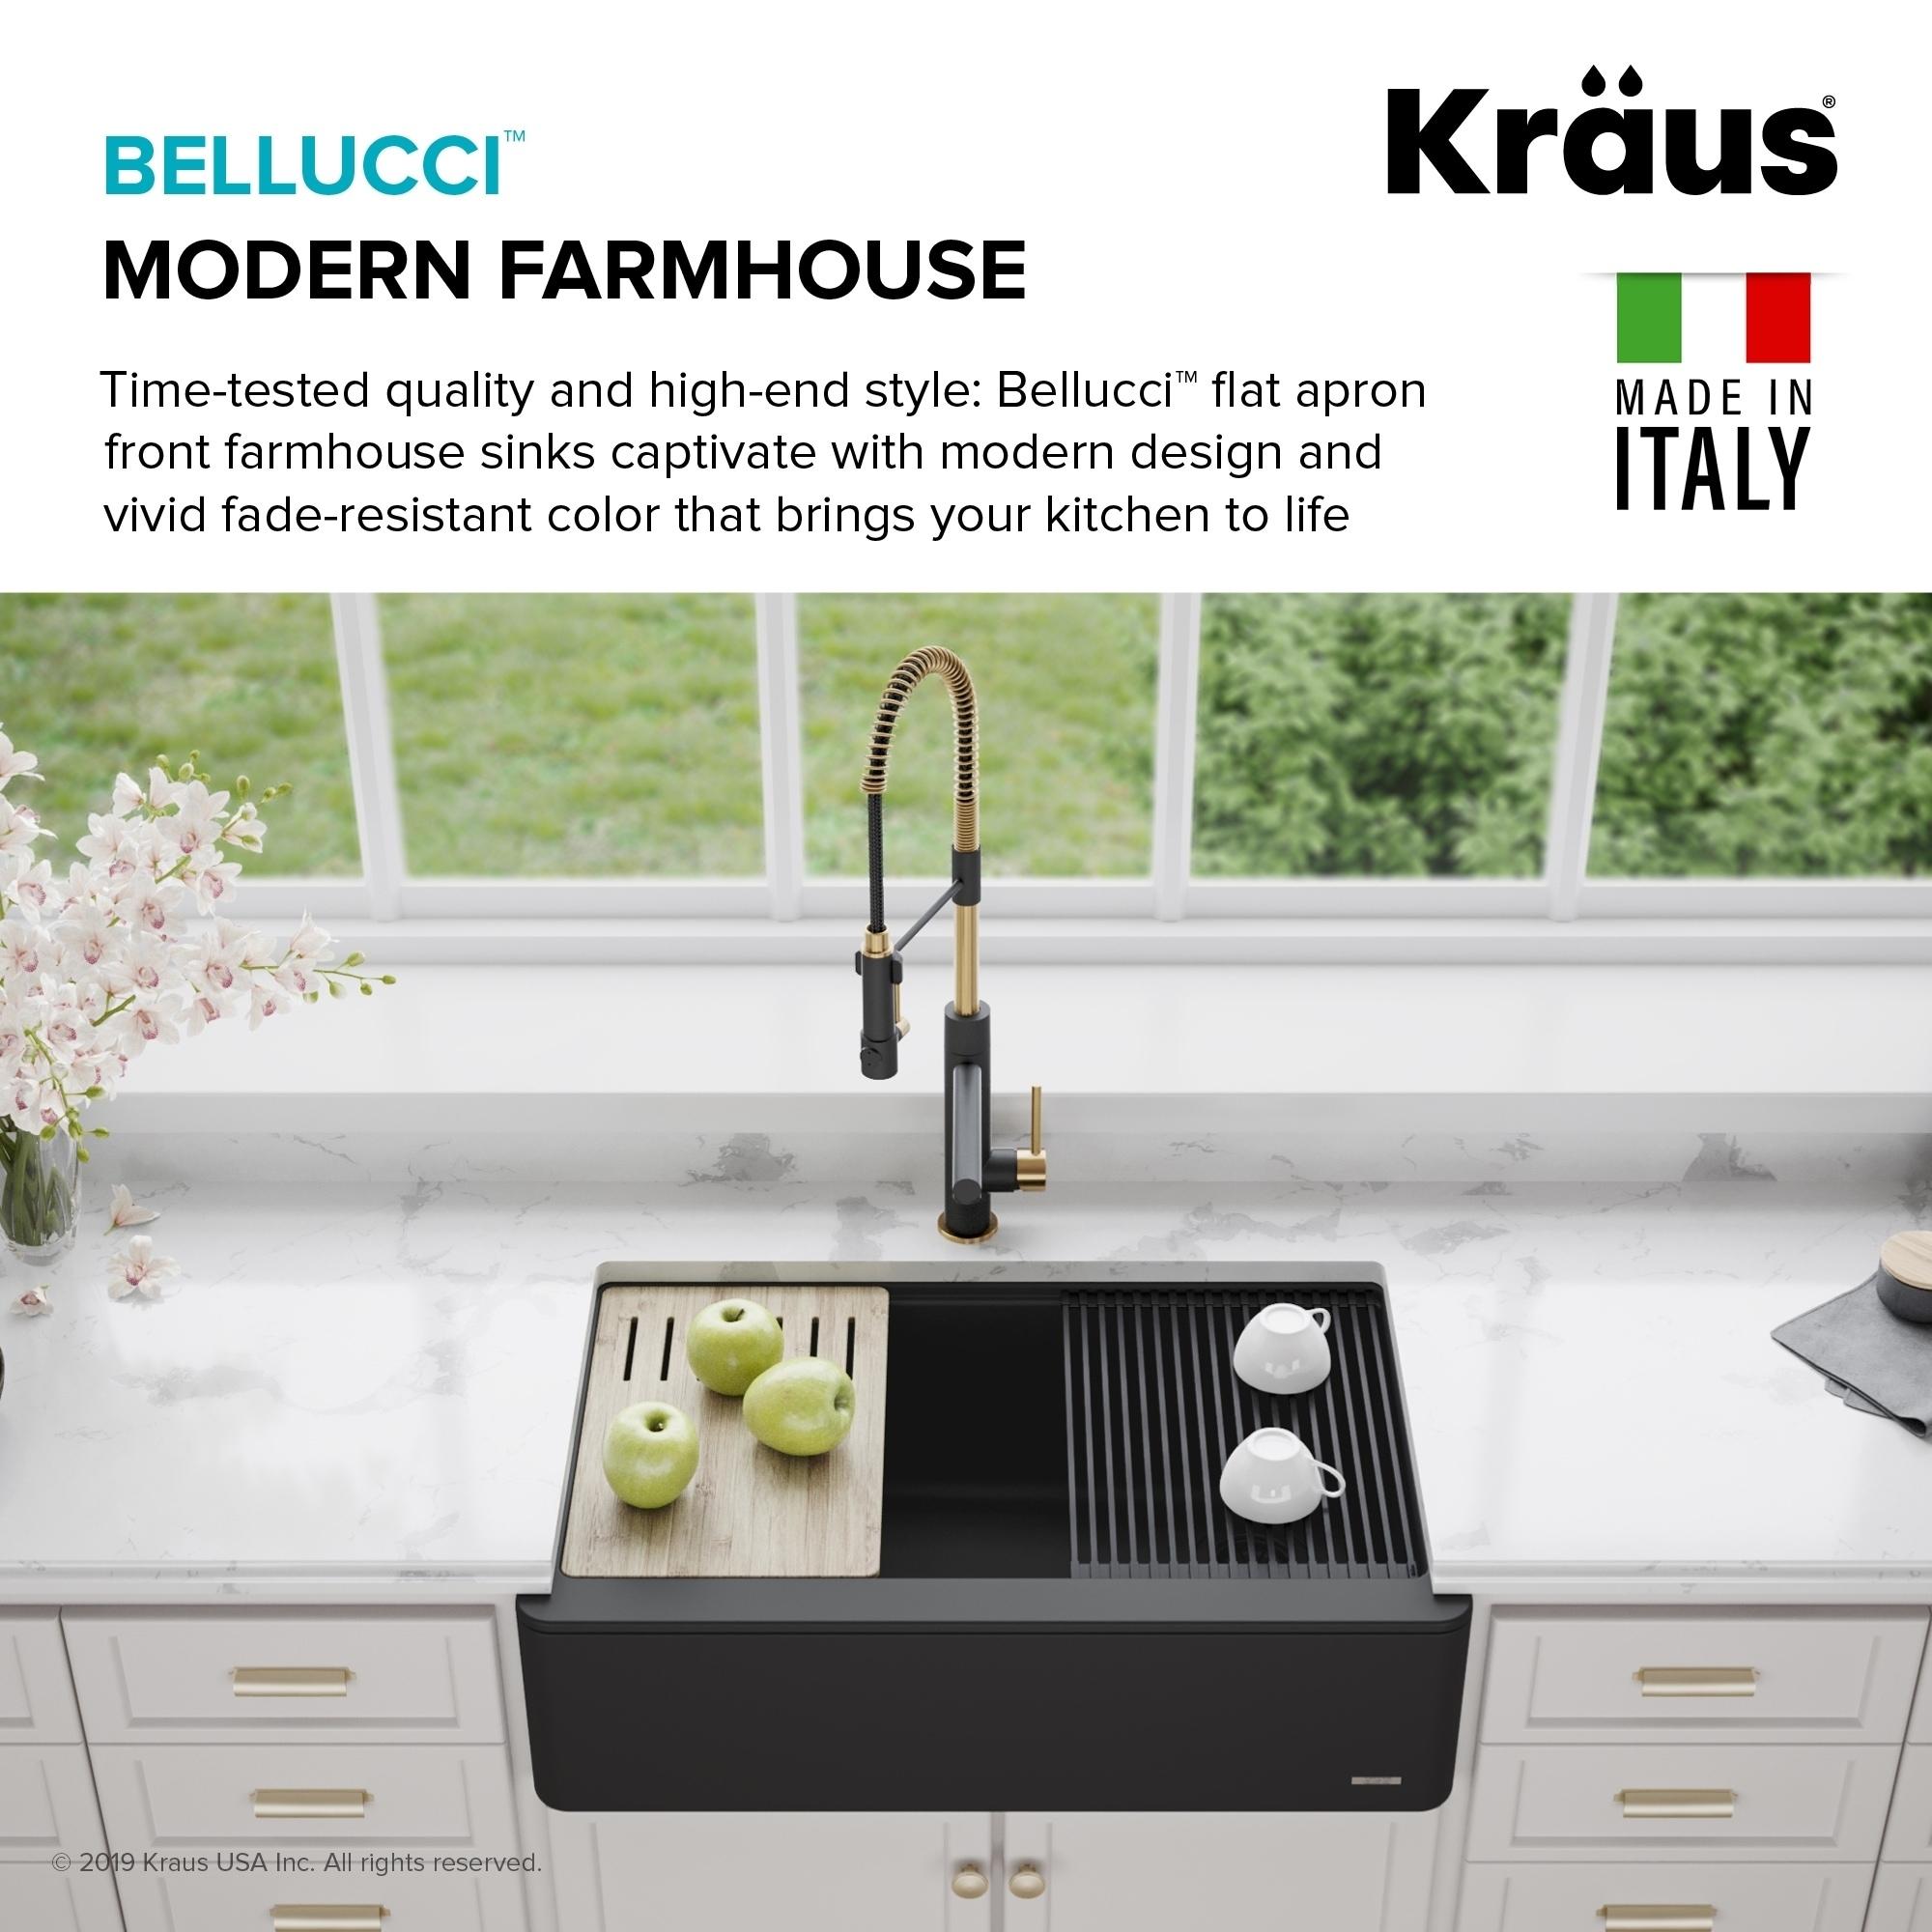 KRAUS Bellucci 30-in CeramTek Granite Composite Farmhouse Kitchen Sink